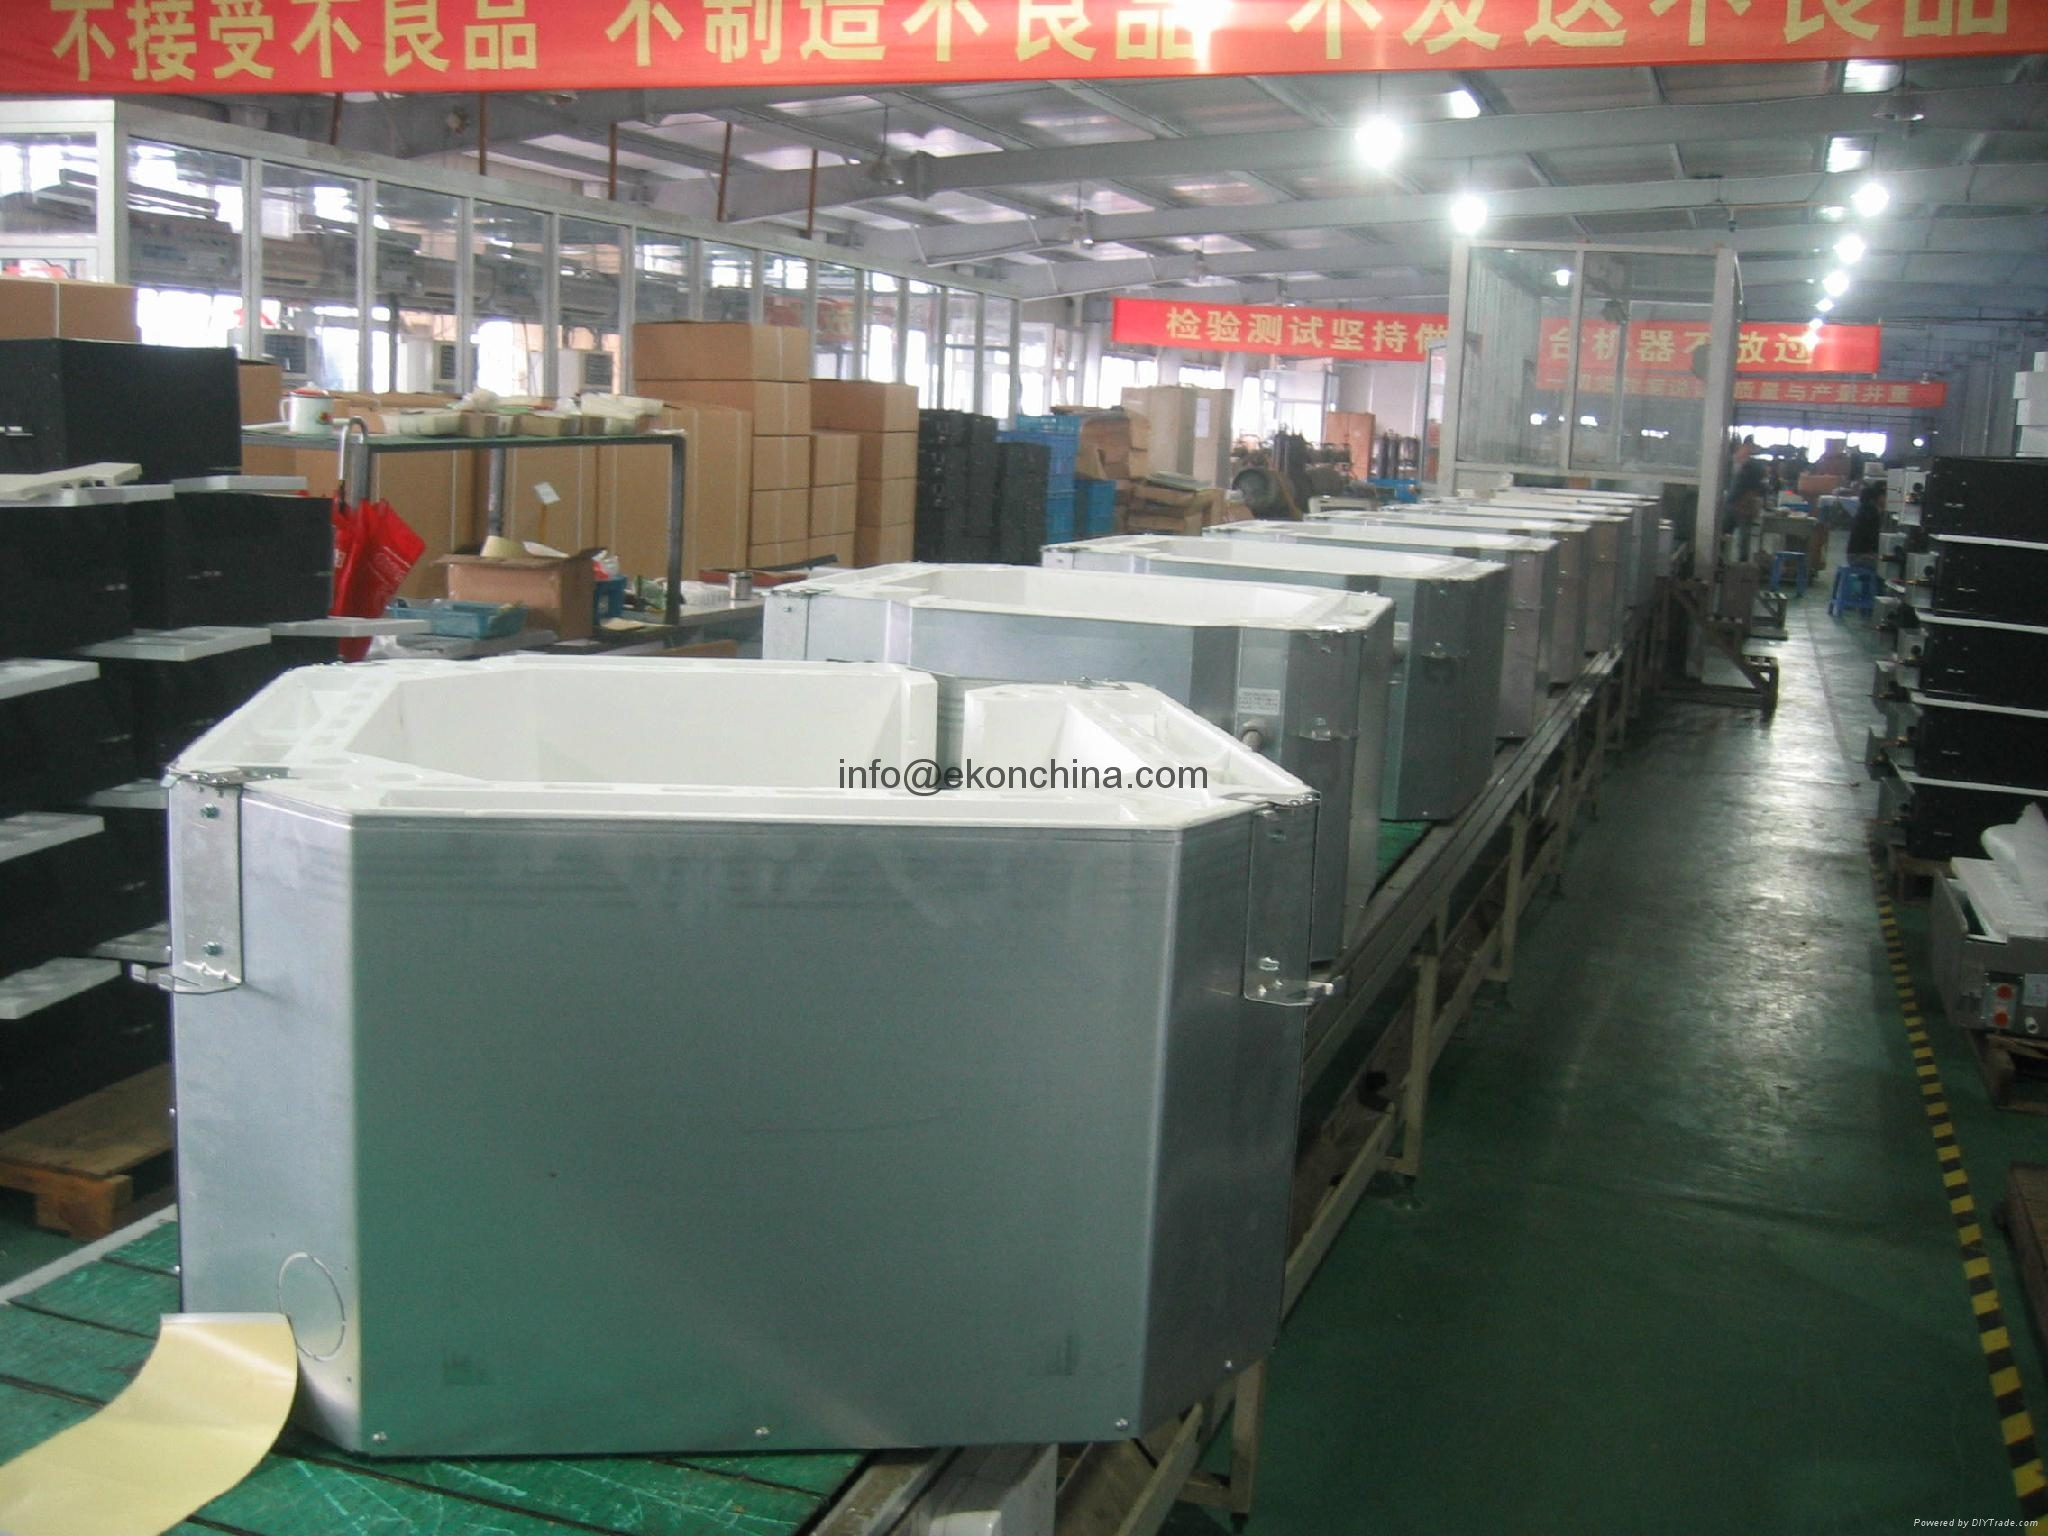 Outdoor unit production line